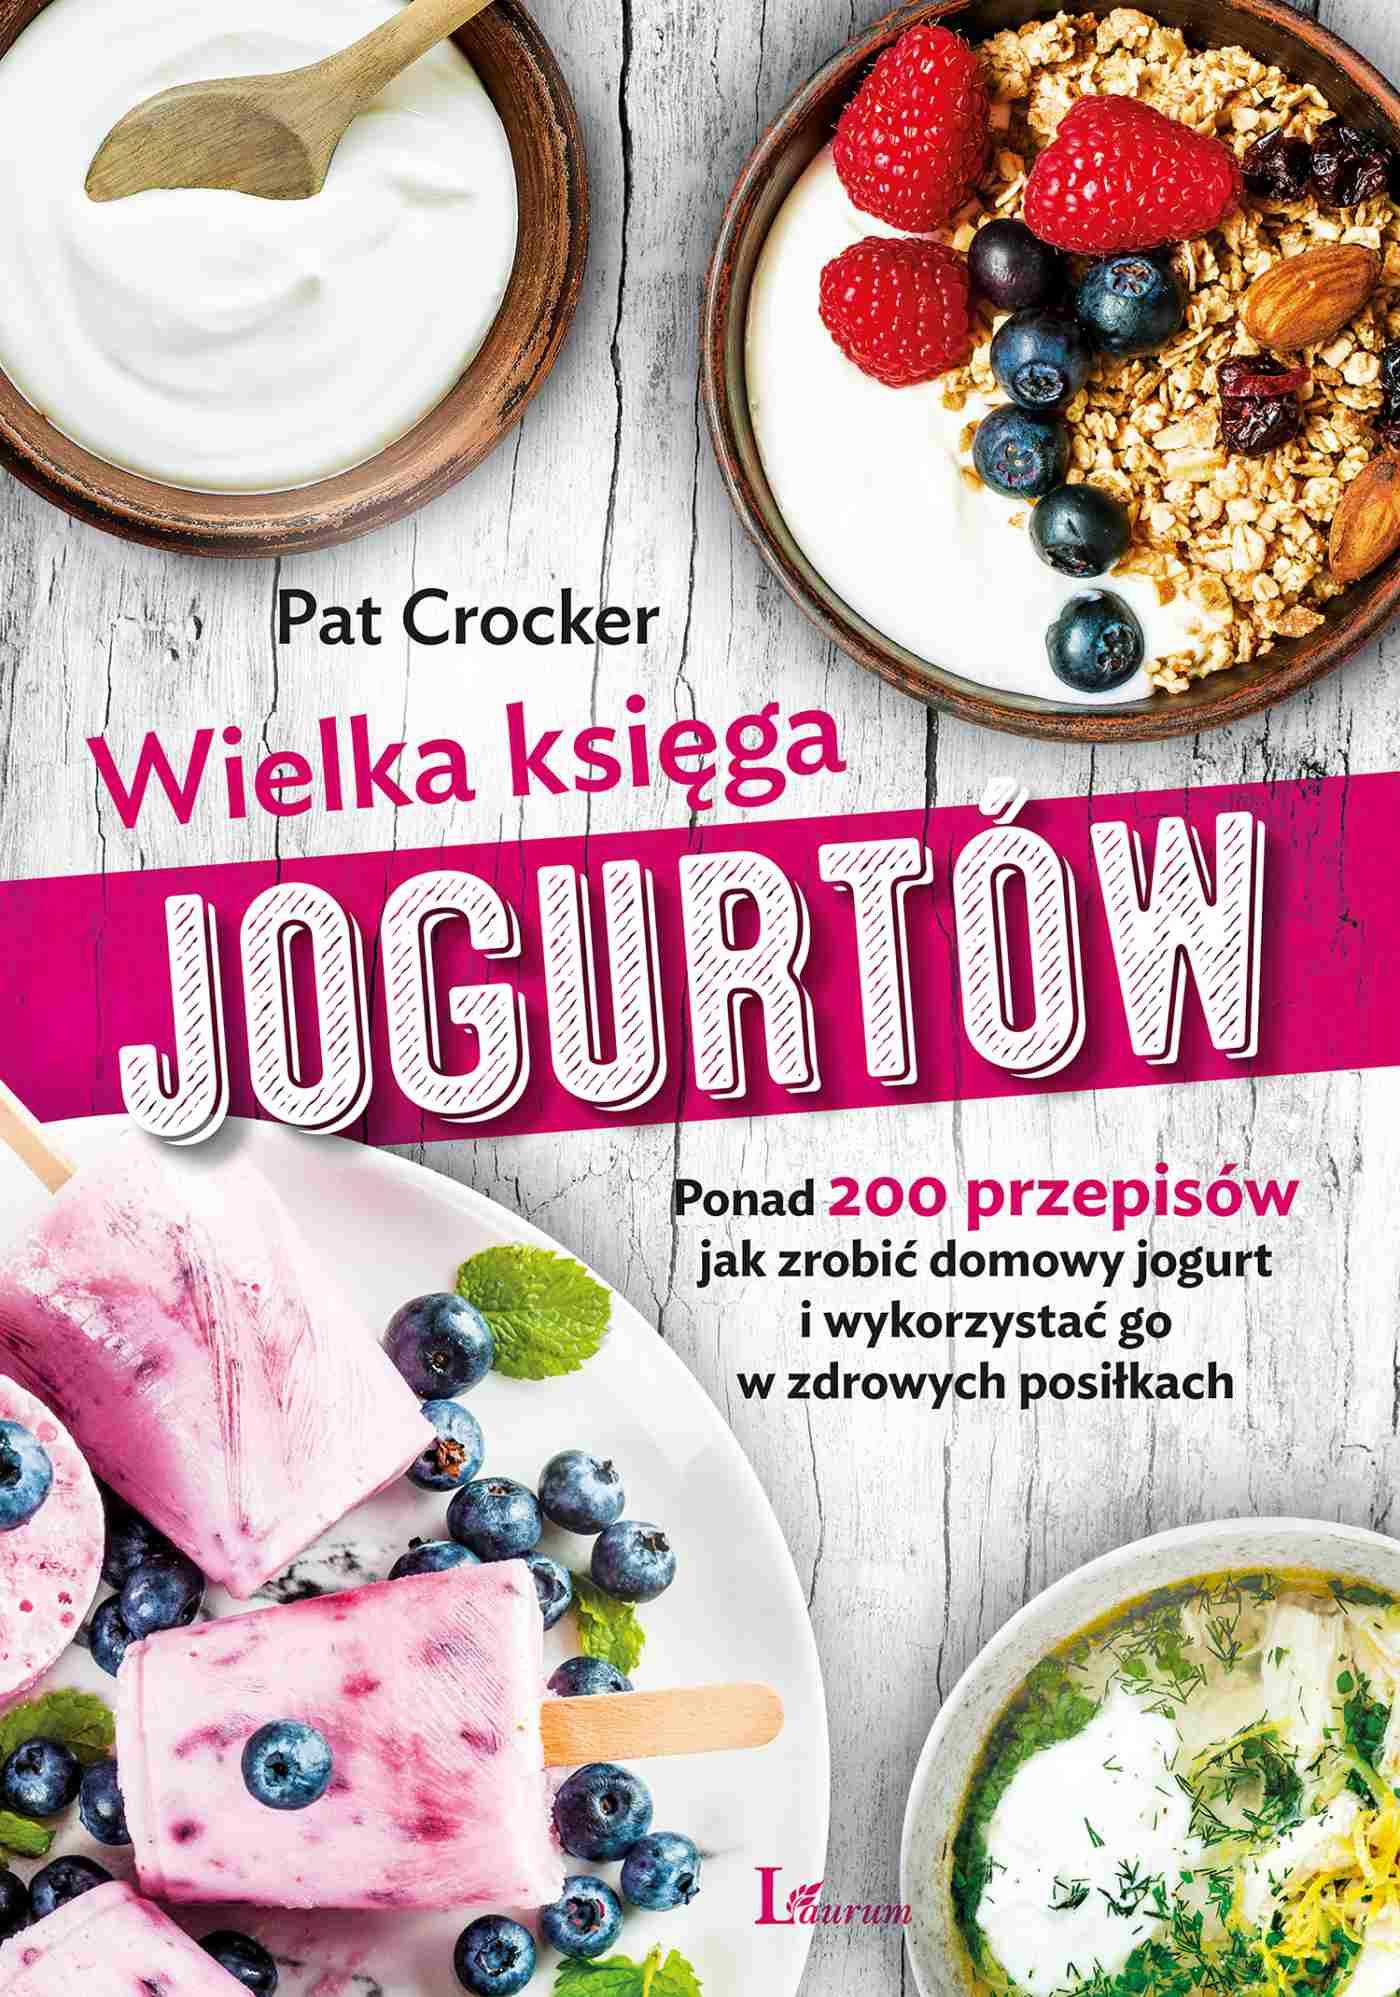 Wielka księga jogurtów - Ebook (Książka na Kindle) do pobrania w formacie MOBI